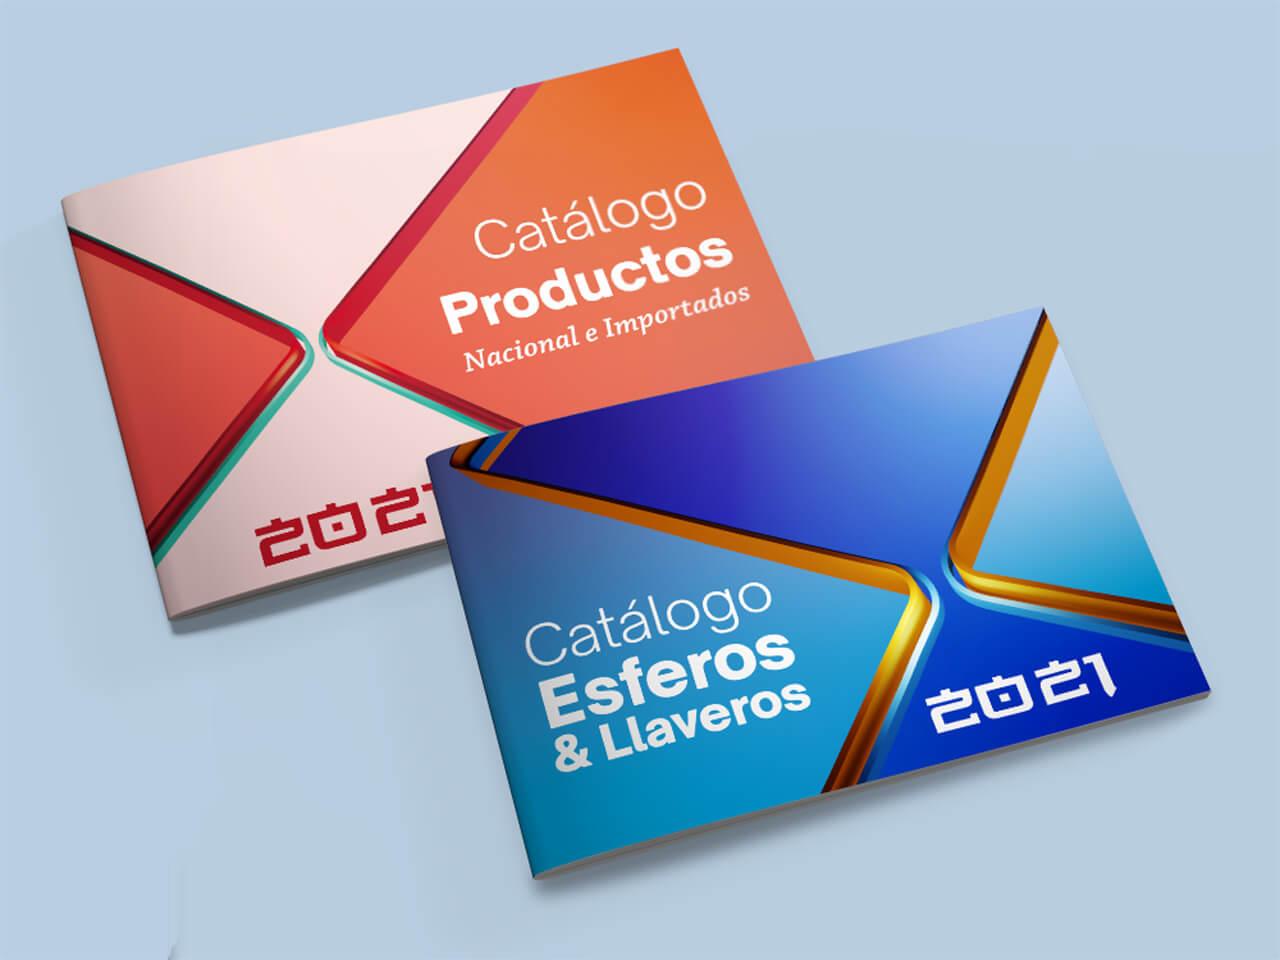 Catalogo Esferos 2019